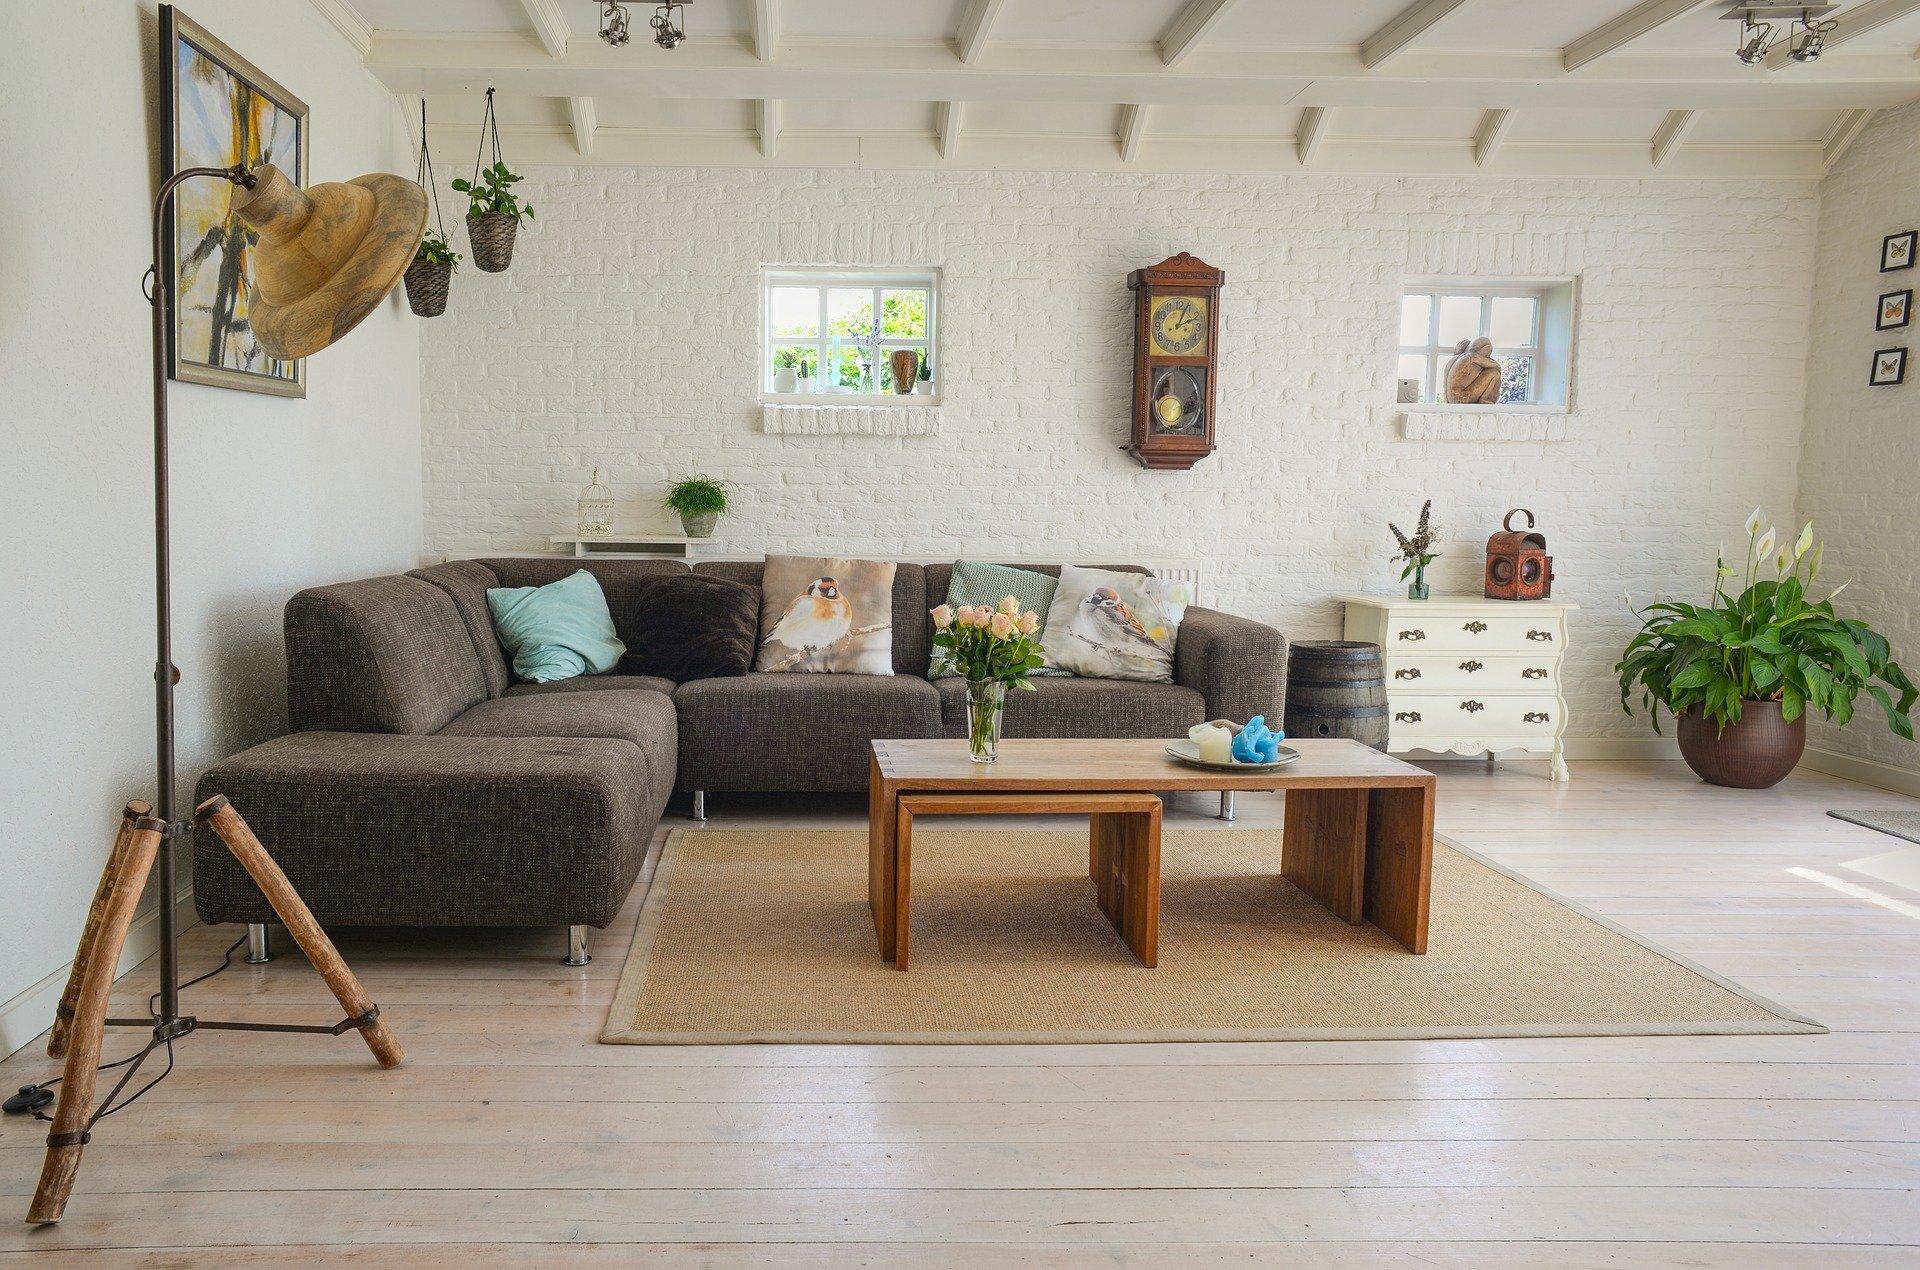 Je interieur opknappen door het leggen van een laminaatvloer